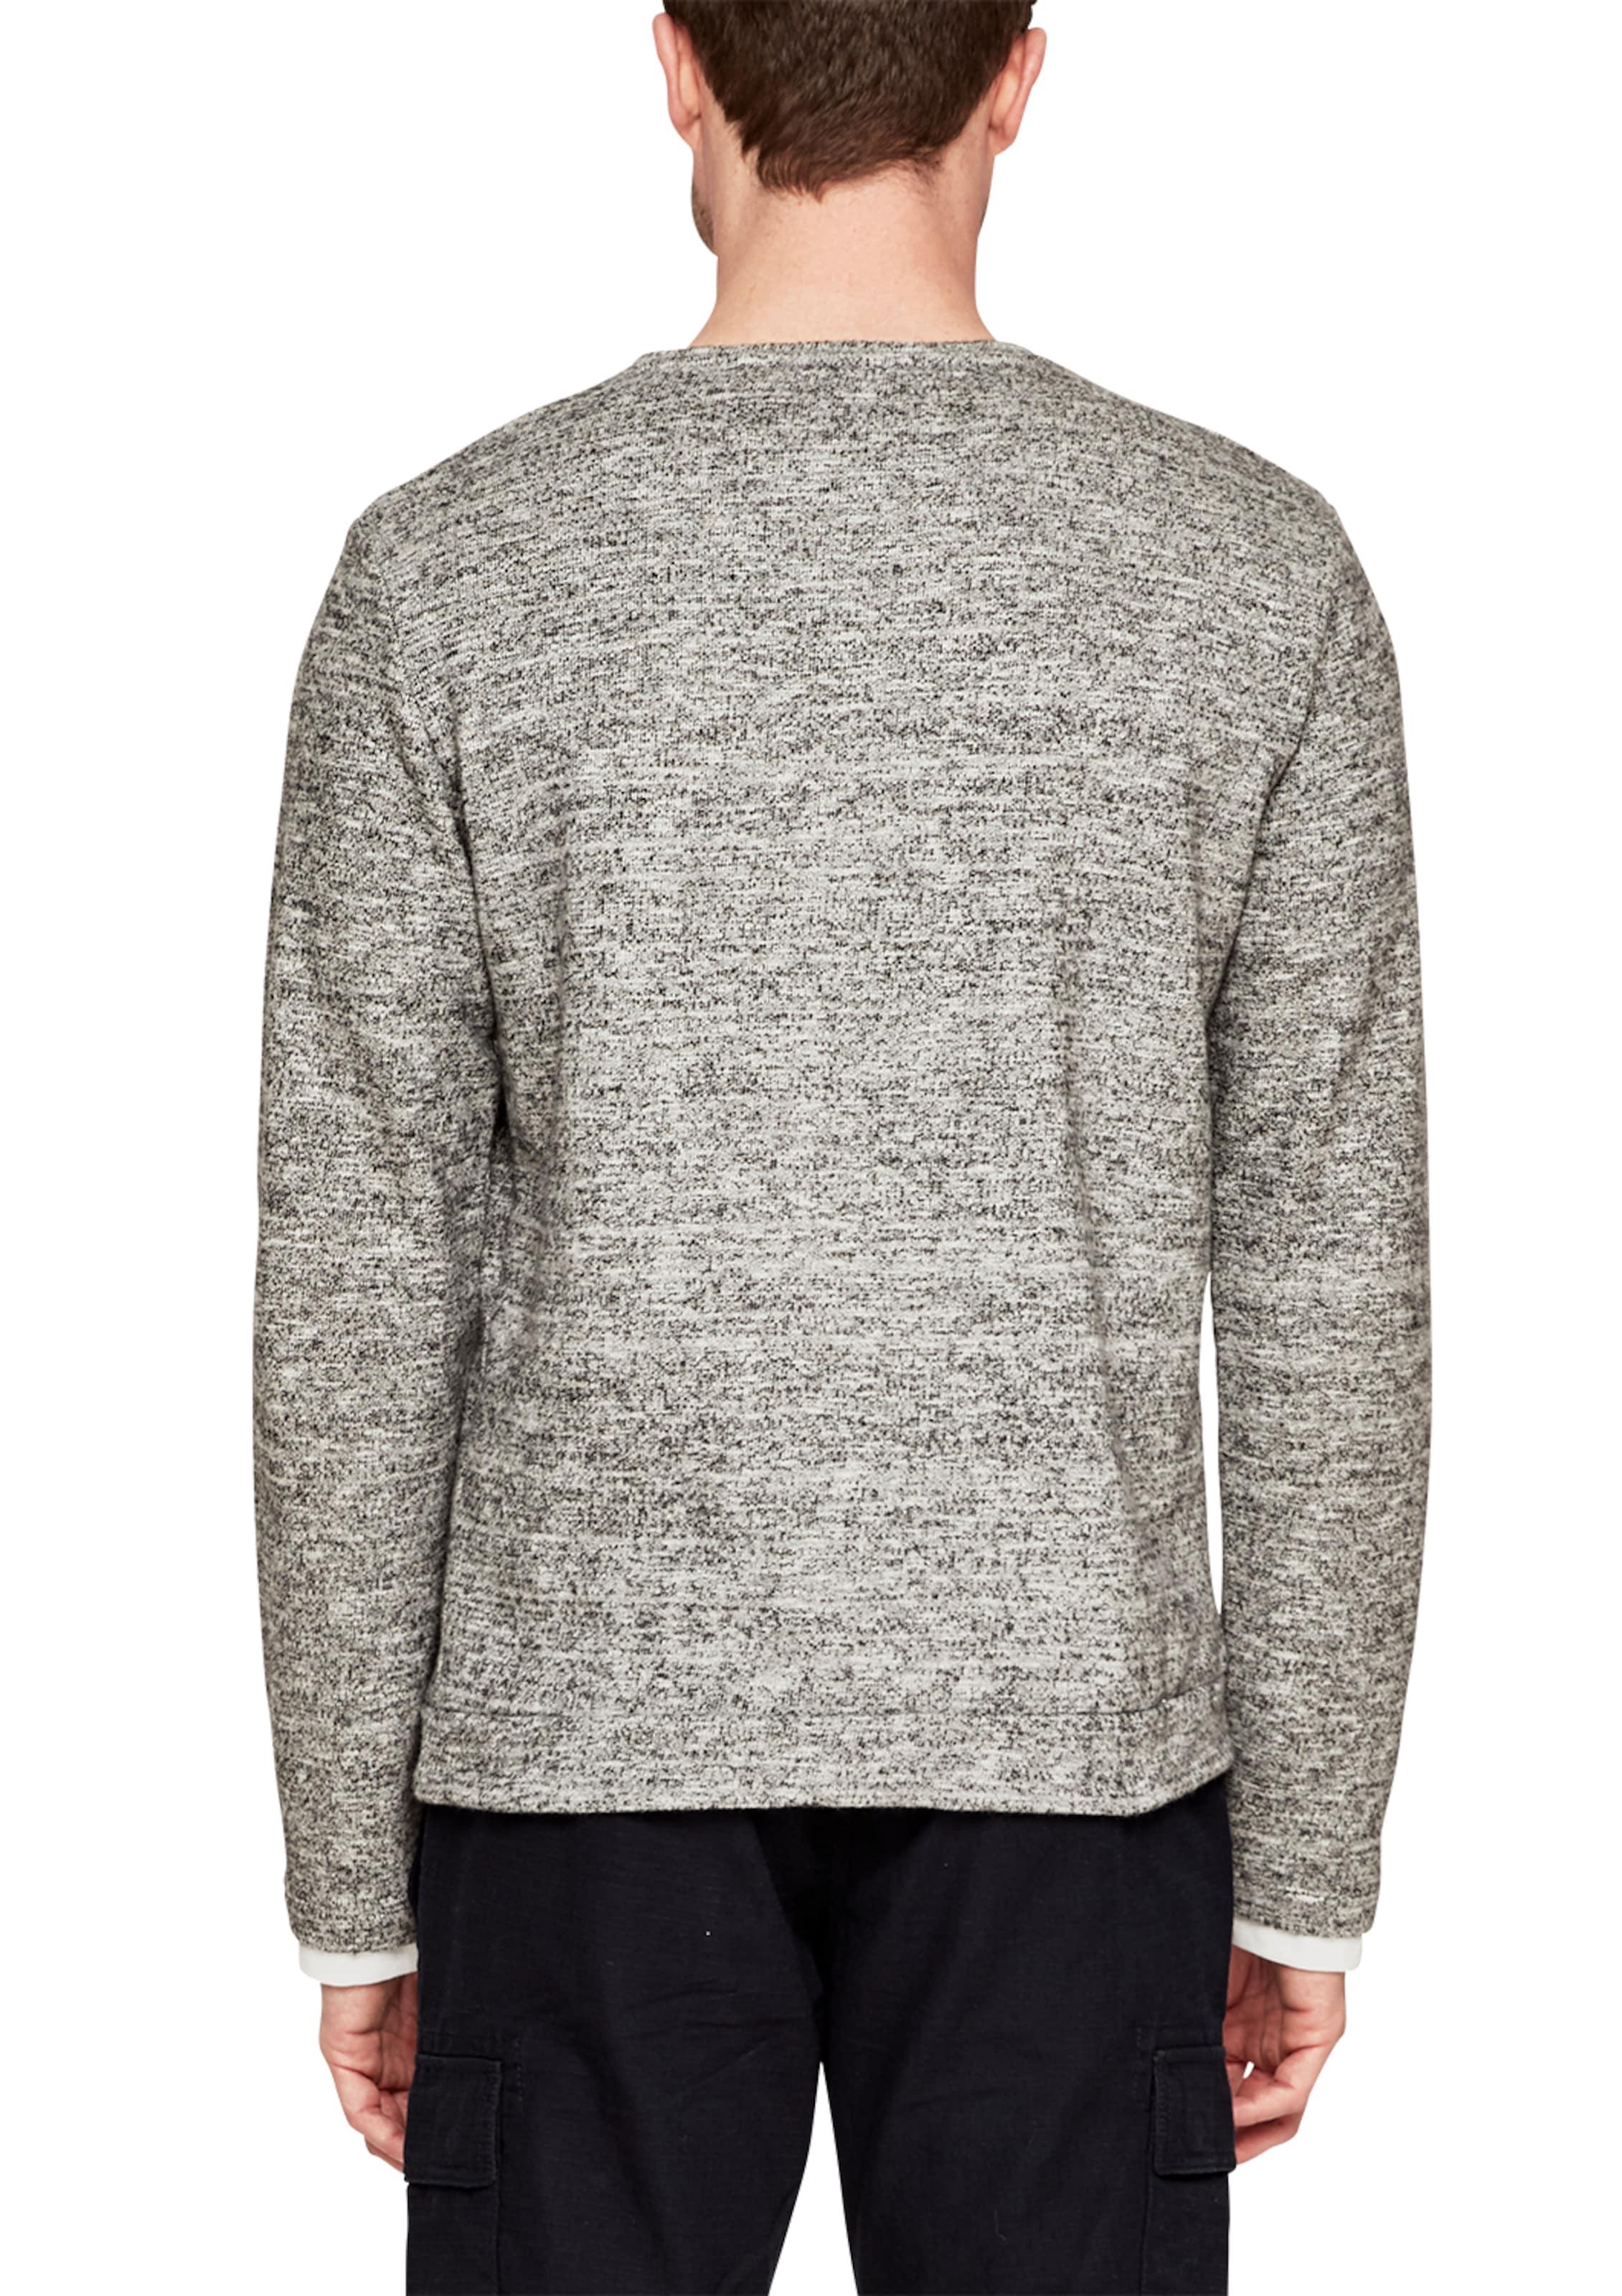 s.Oliver RED LABEL Sweatshirt im Layer-Look Ausgezeichnete Günstig Online Billig Verkauf Rabatte Kosten Günstiger Preis Günstig Kaufen Footaction Günstig Kaufen Rabatte vQVGoF6c2